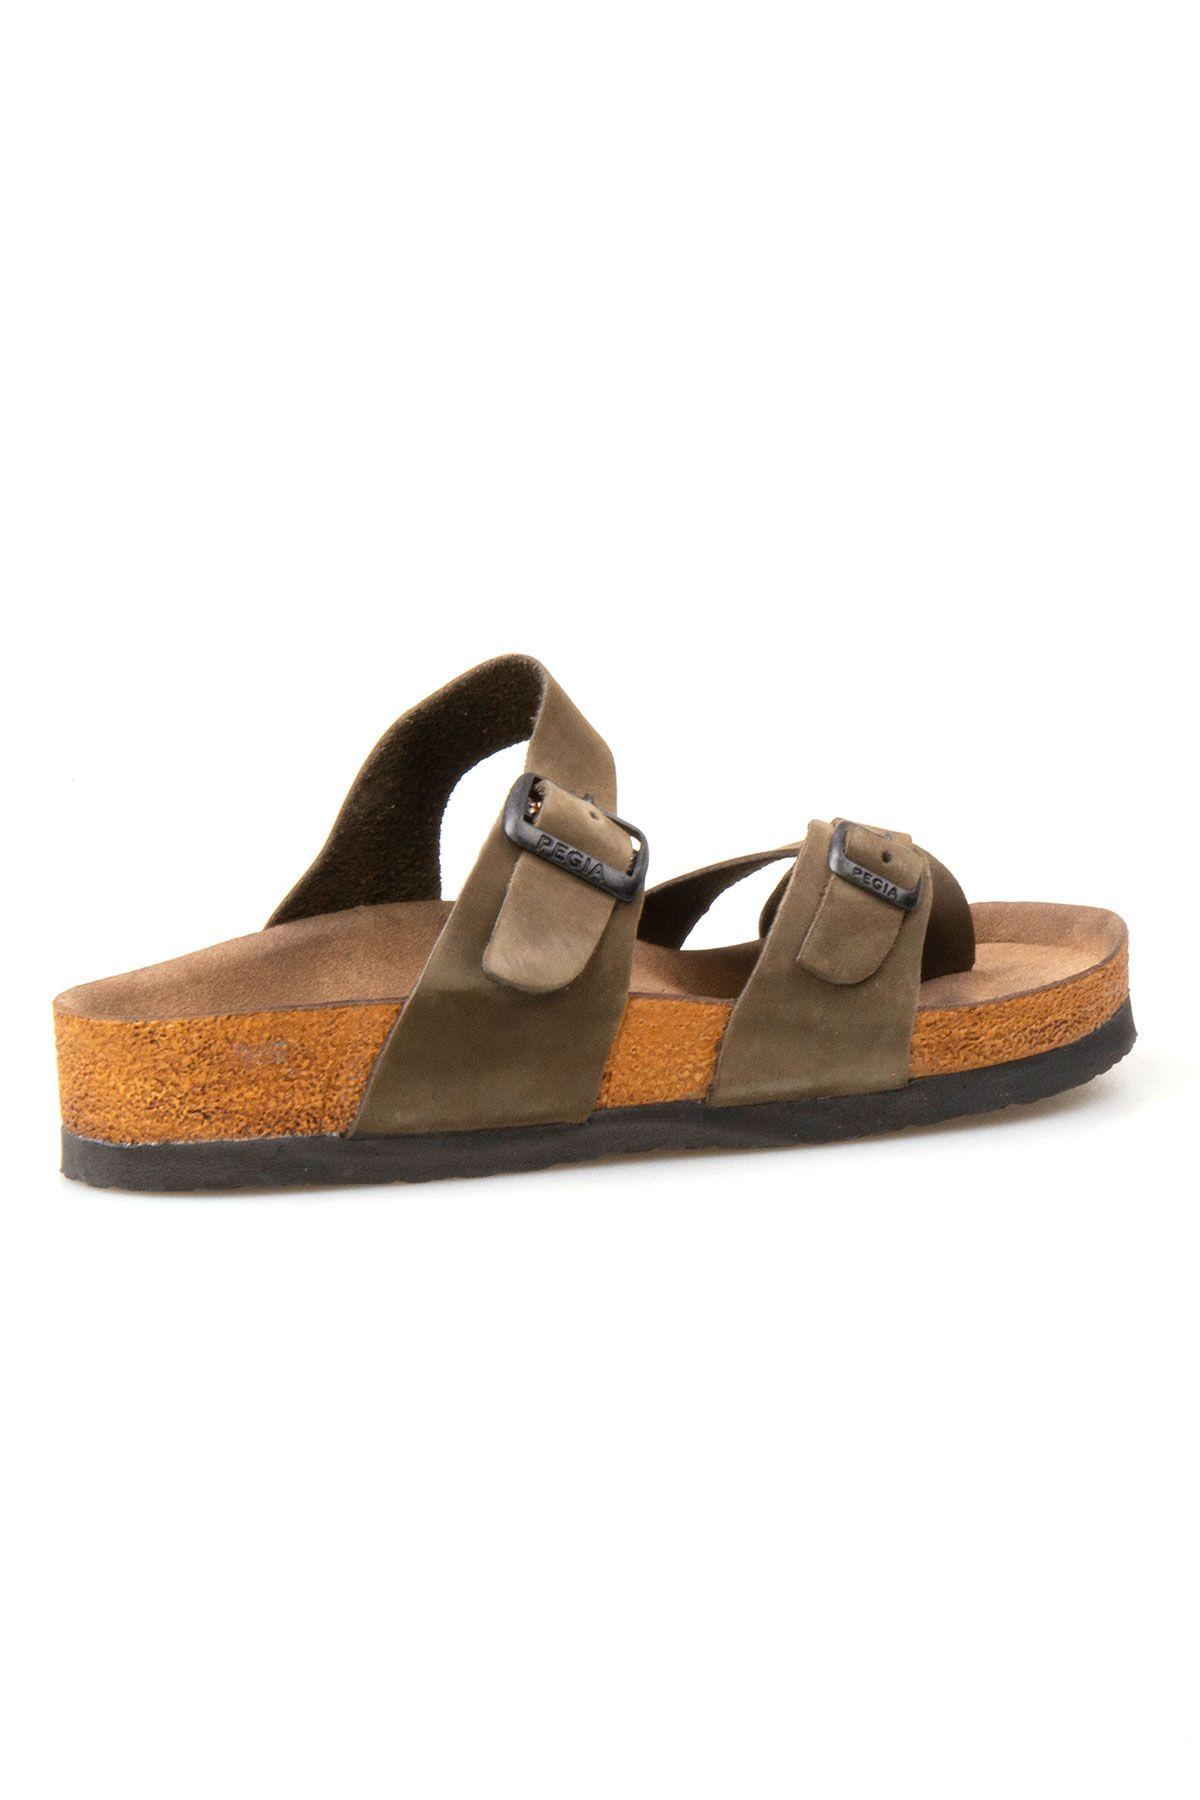 Pegia Genuine Leather Strap Women's Slippers 215512 Khaki